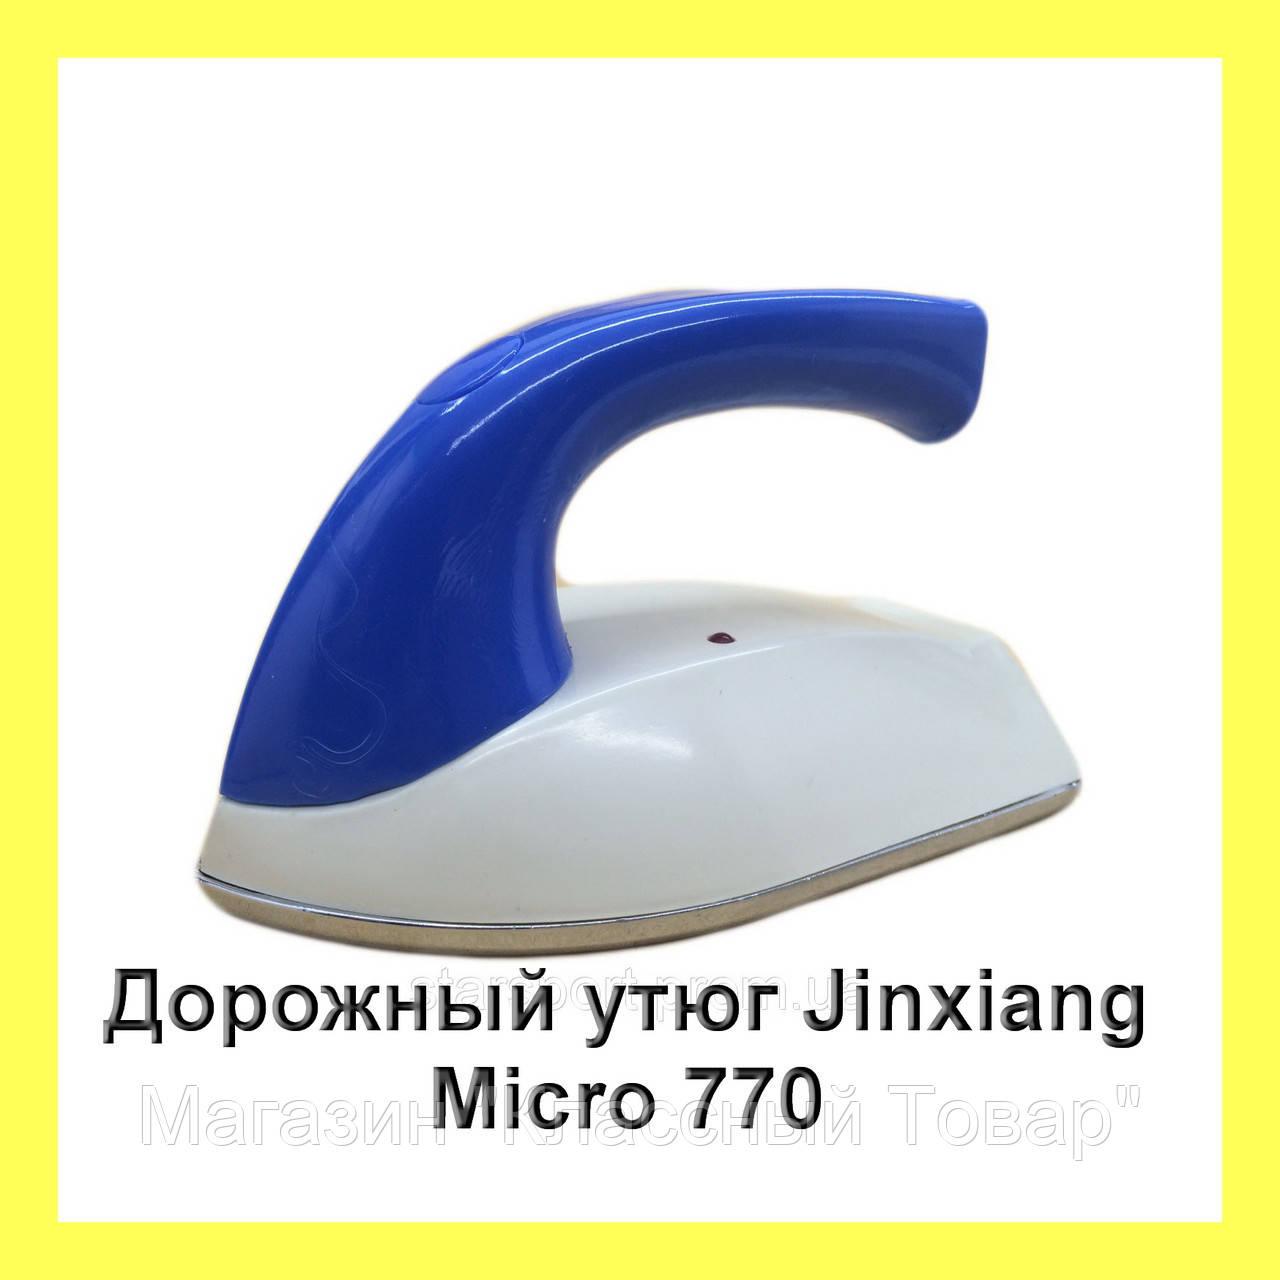 Дорожный утюг Jinxiang Micro 770! Лучший подарок